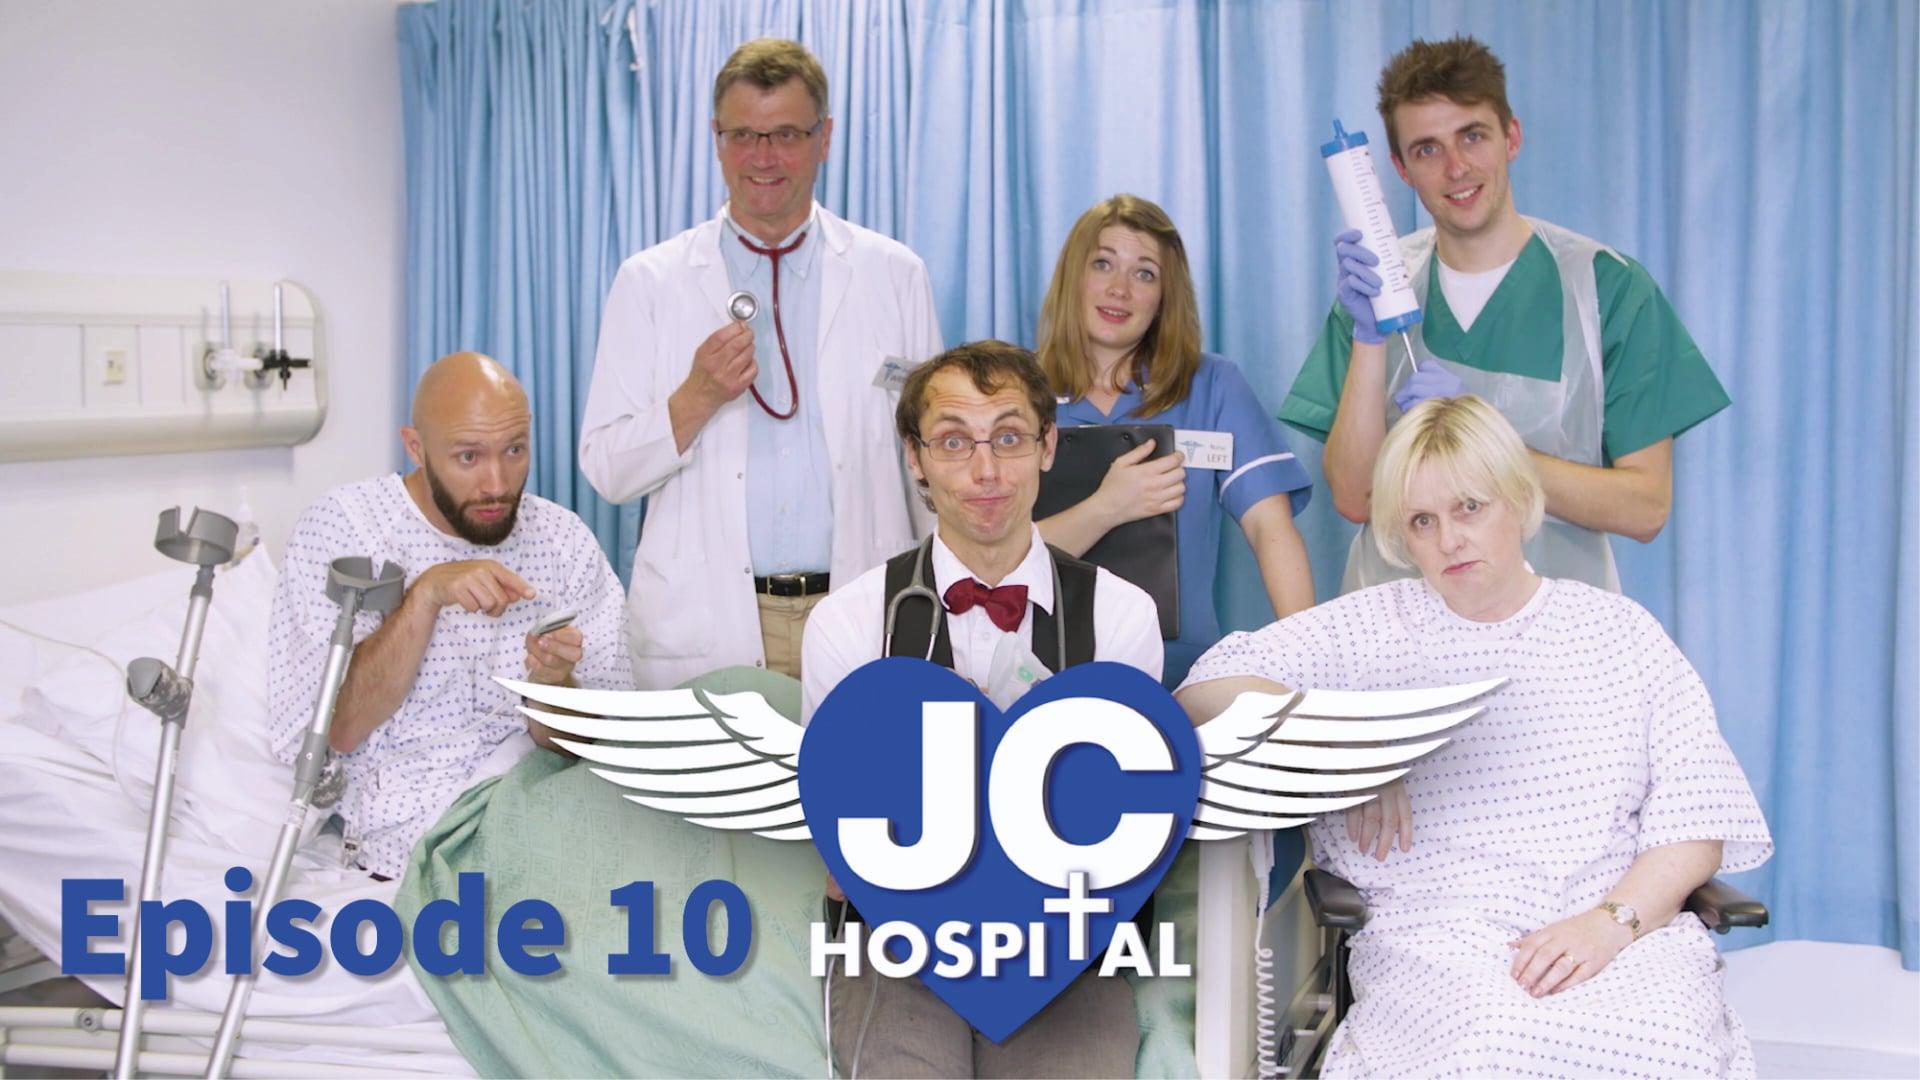 JC Hospital: Episode 10